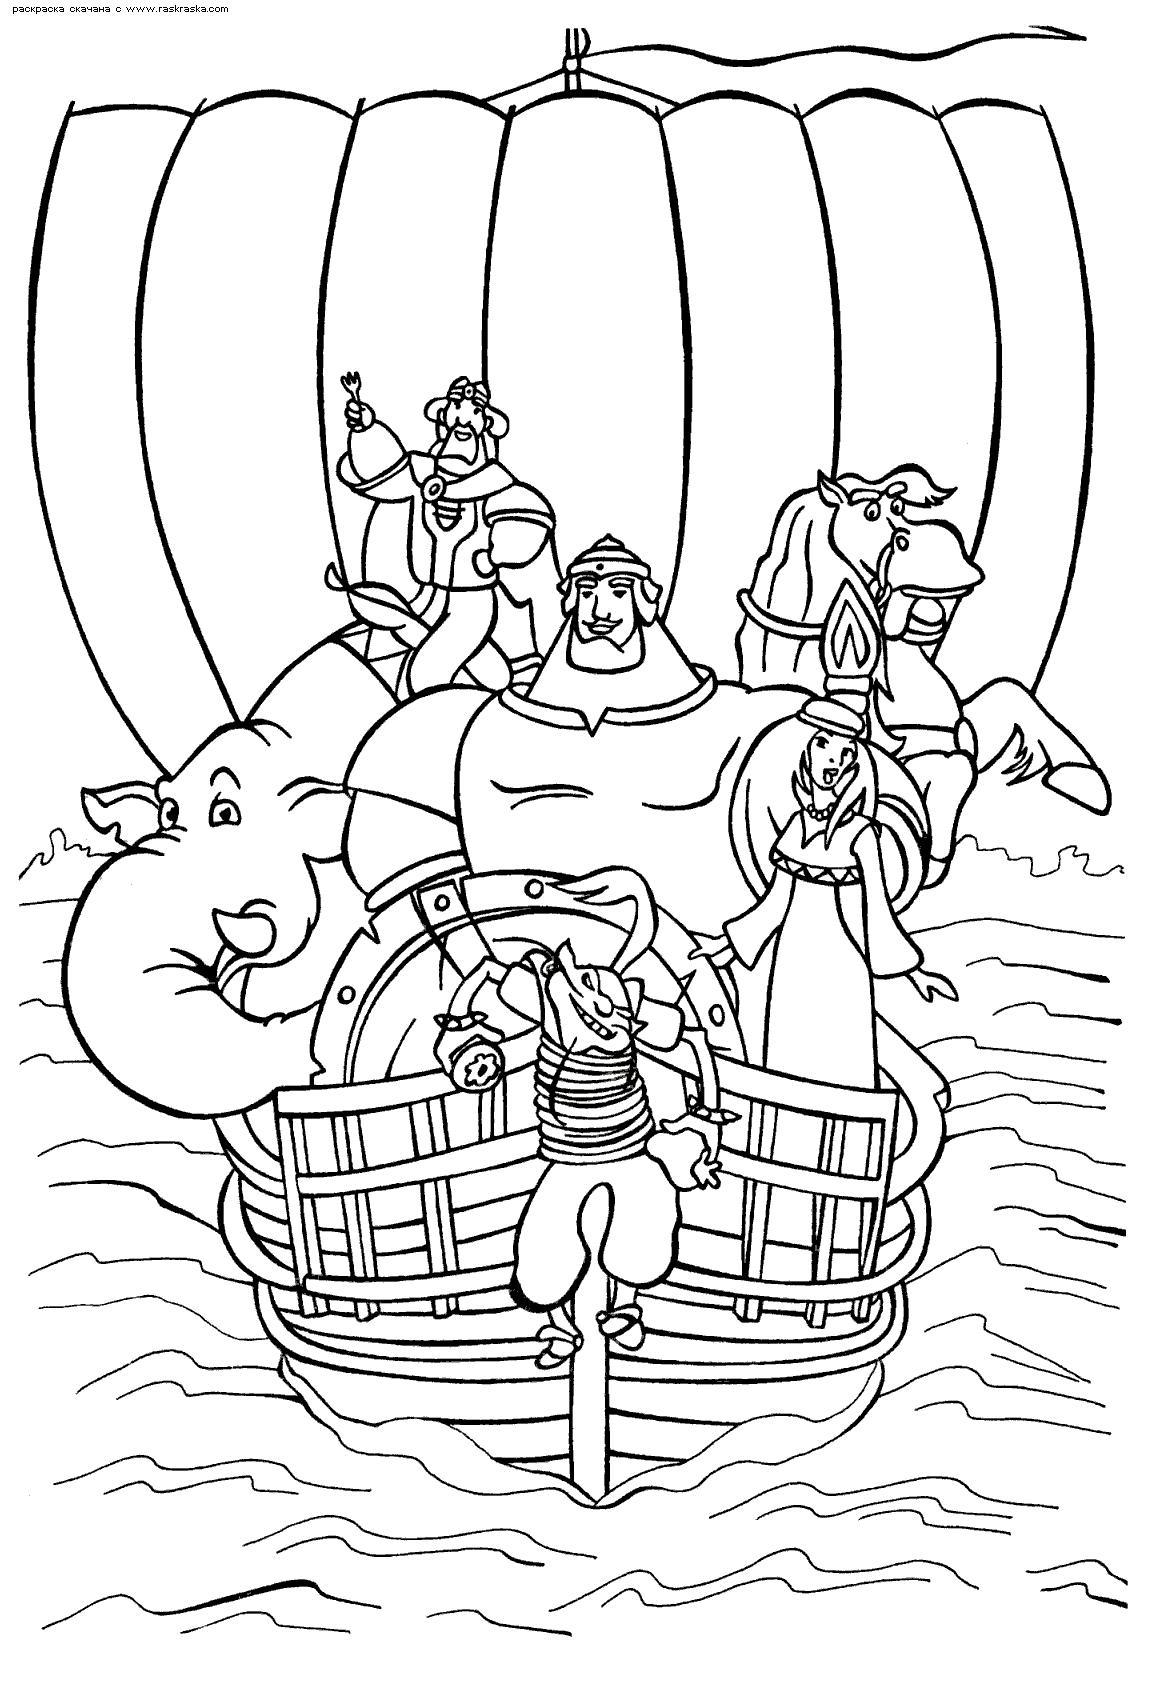 Богатырь девушка конь на корабле Раскраски для мальчиков